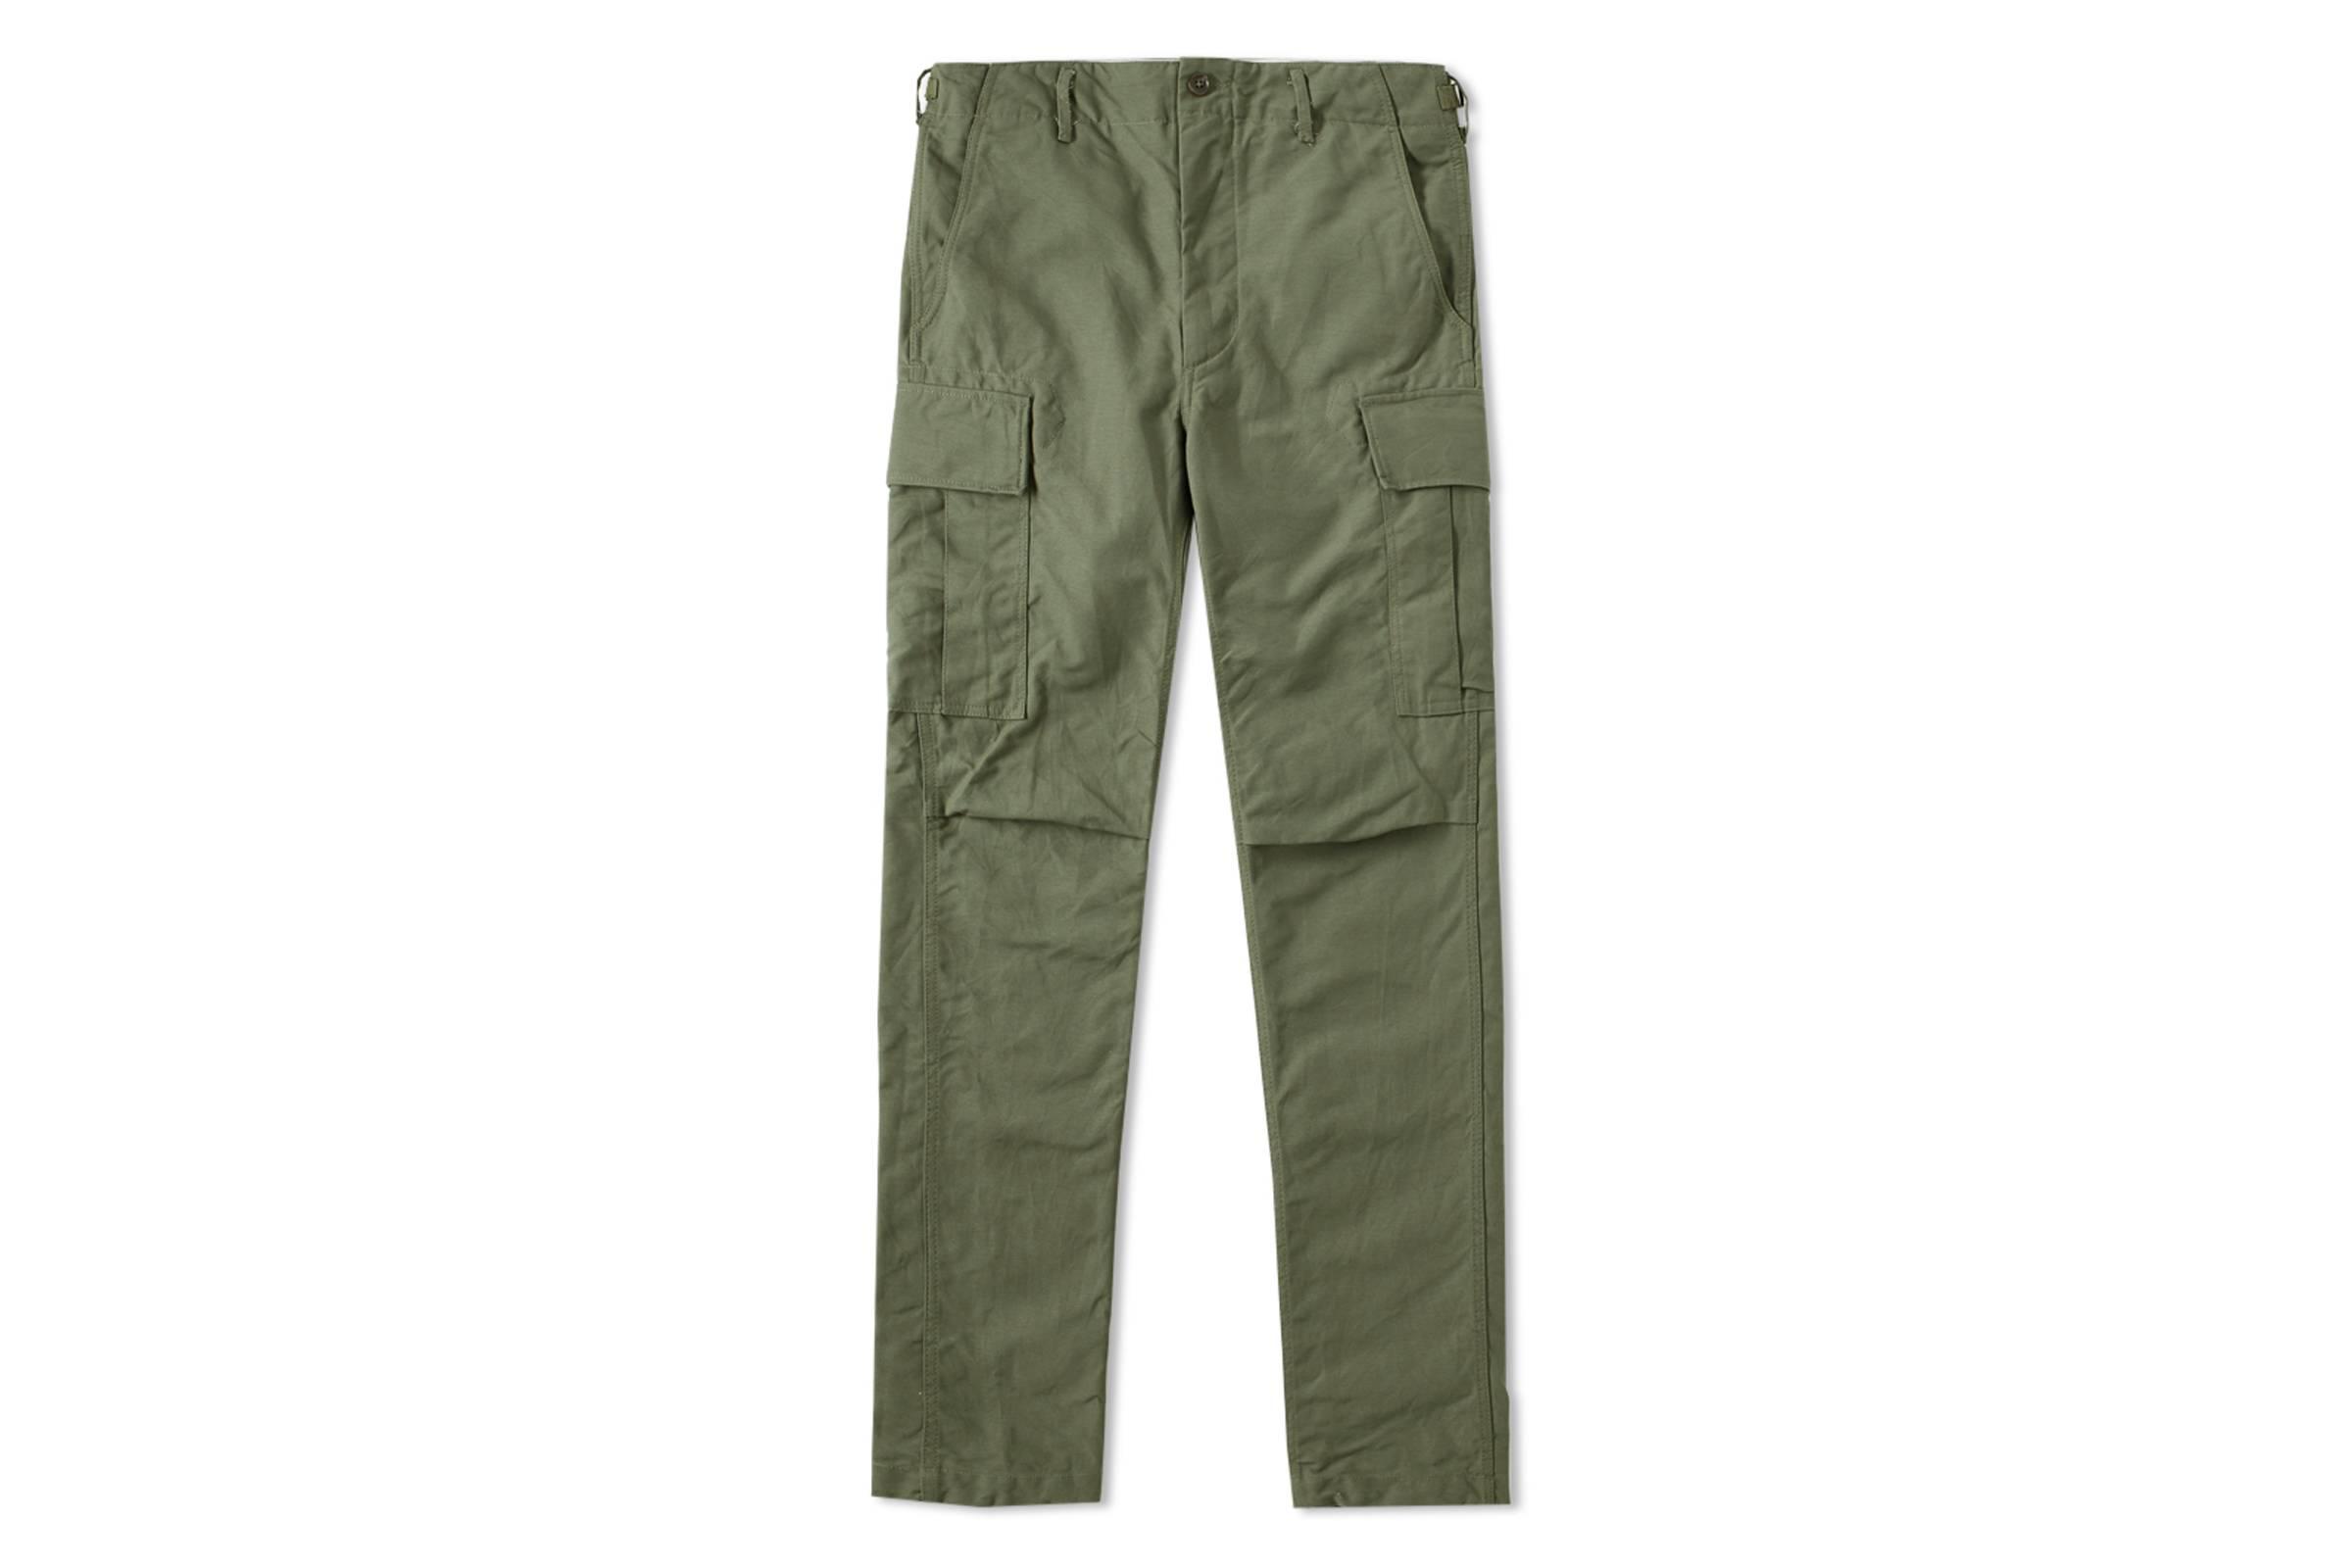 Engineered Garments BDU Pants